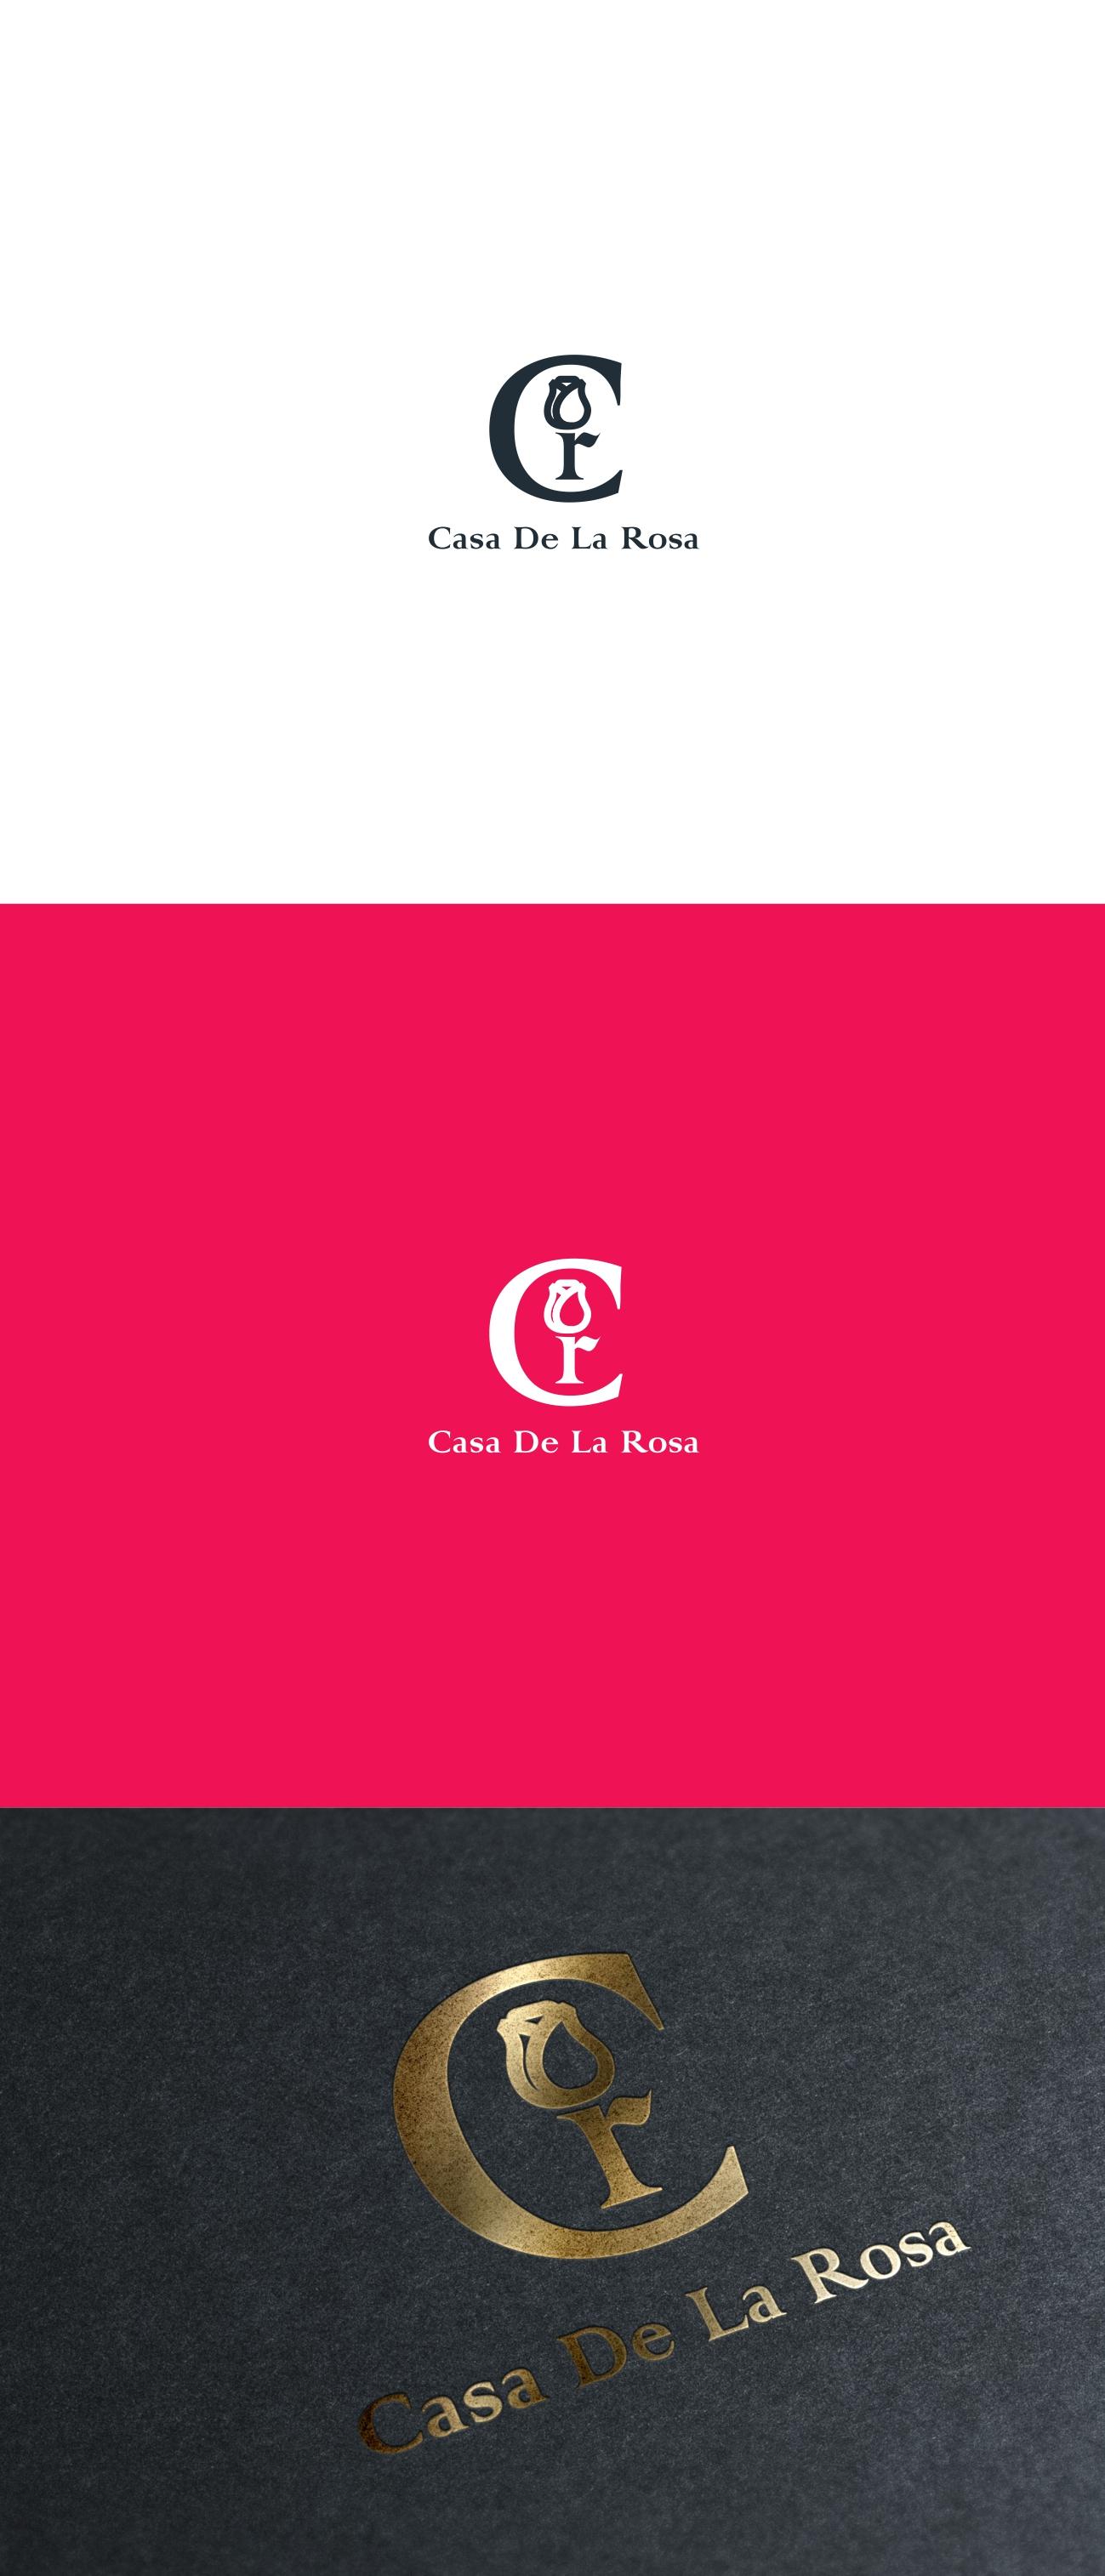 Логотип + Фирменный знак для элитного поселка Casa De La Rosa фото f_8785cd8301c6f775.jpg